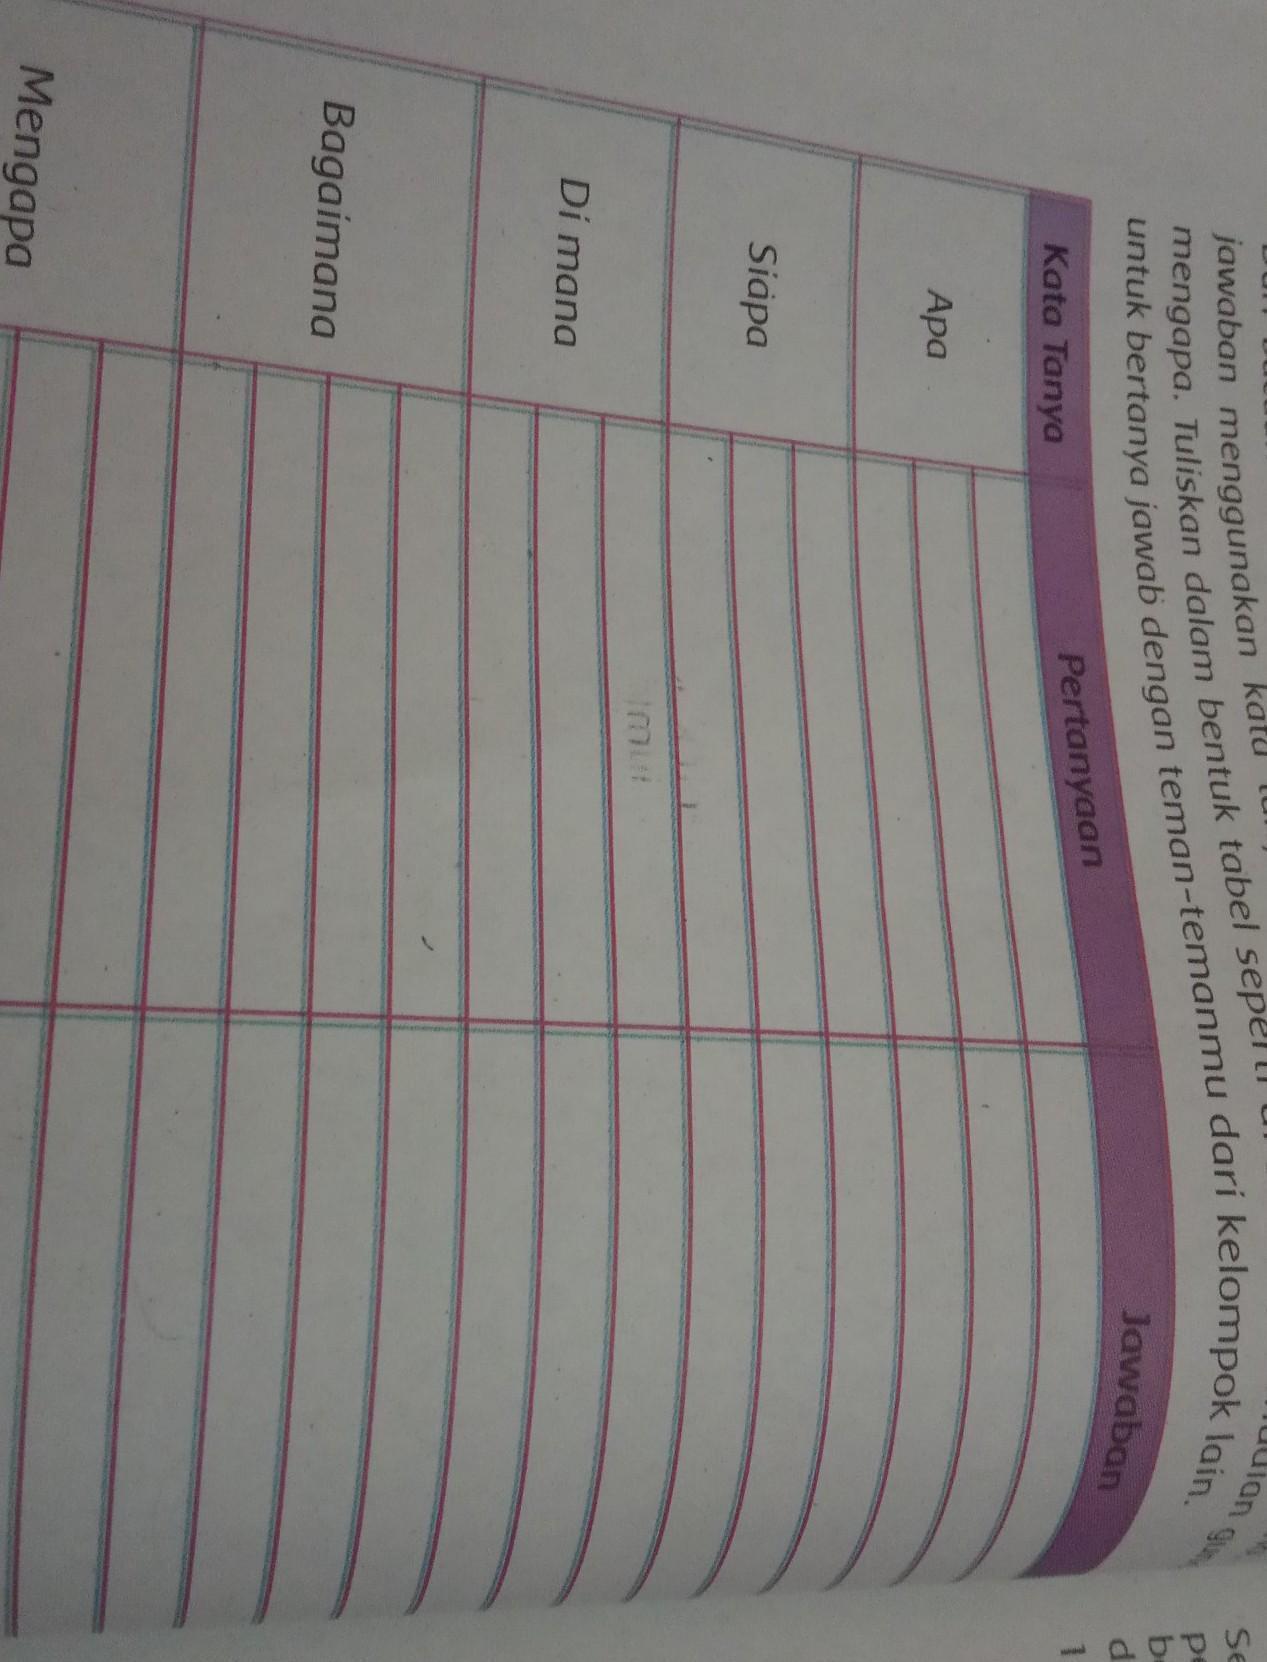 Pelajaran Kelas 5 Tematik Tema 2 Halaman 88 Itu Pertanyaan Sm Jawaban Tentang Musyawarah Y Tlg Brainly Co Id